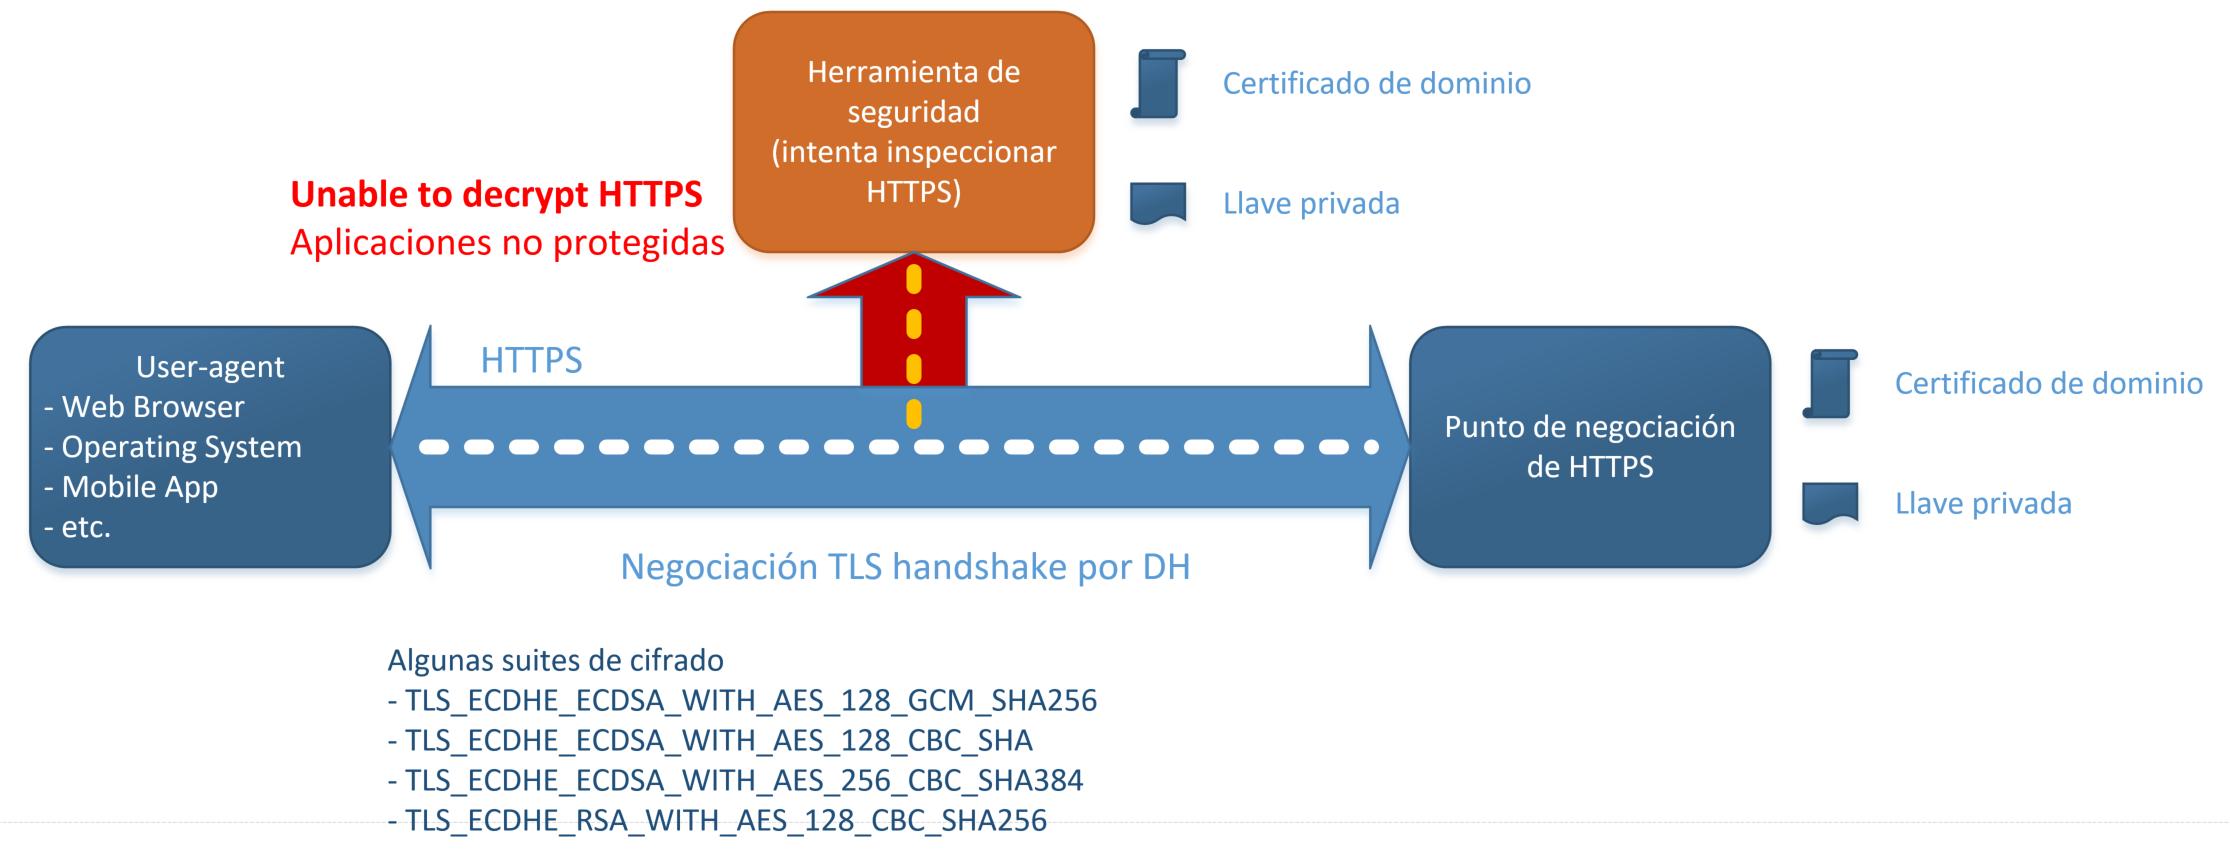 Ocultamiento de ataques web bajo HTTPS